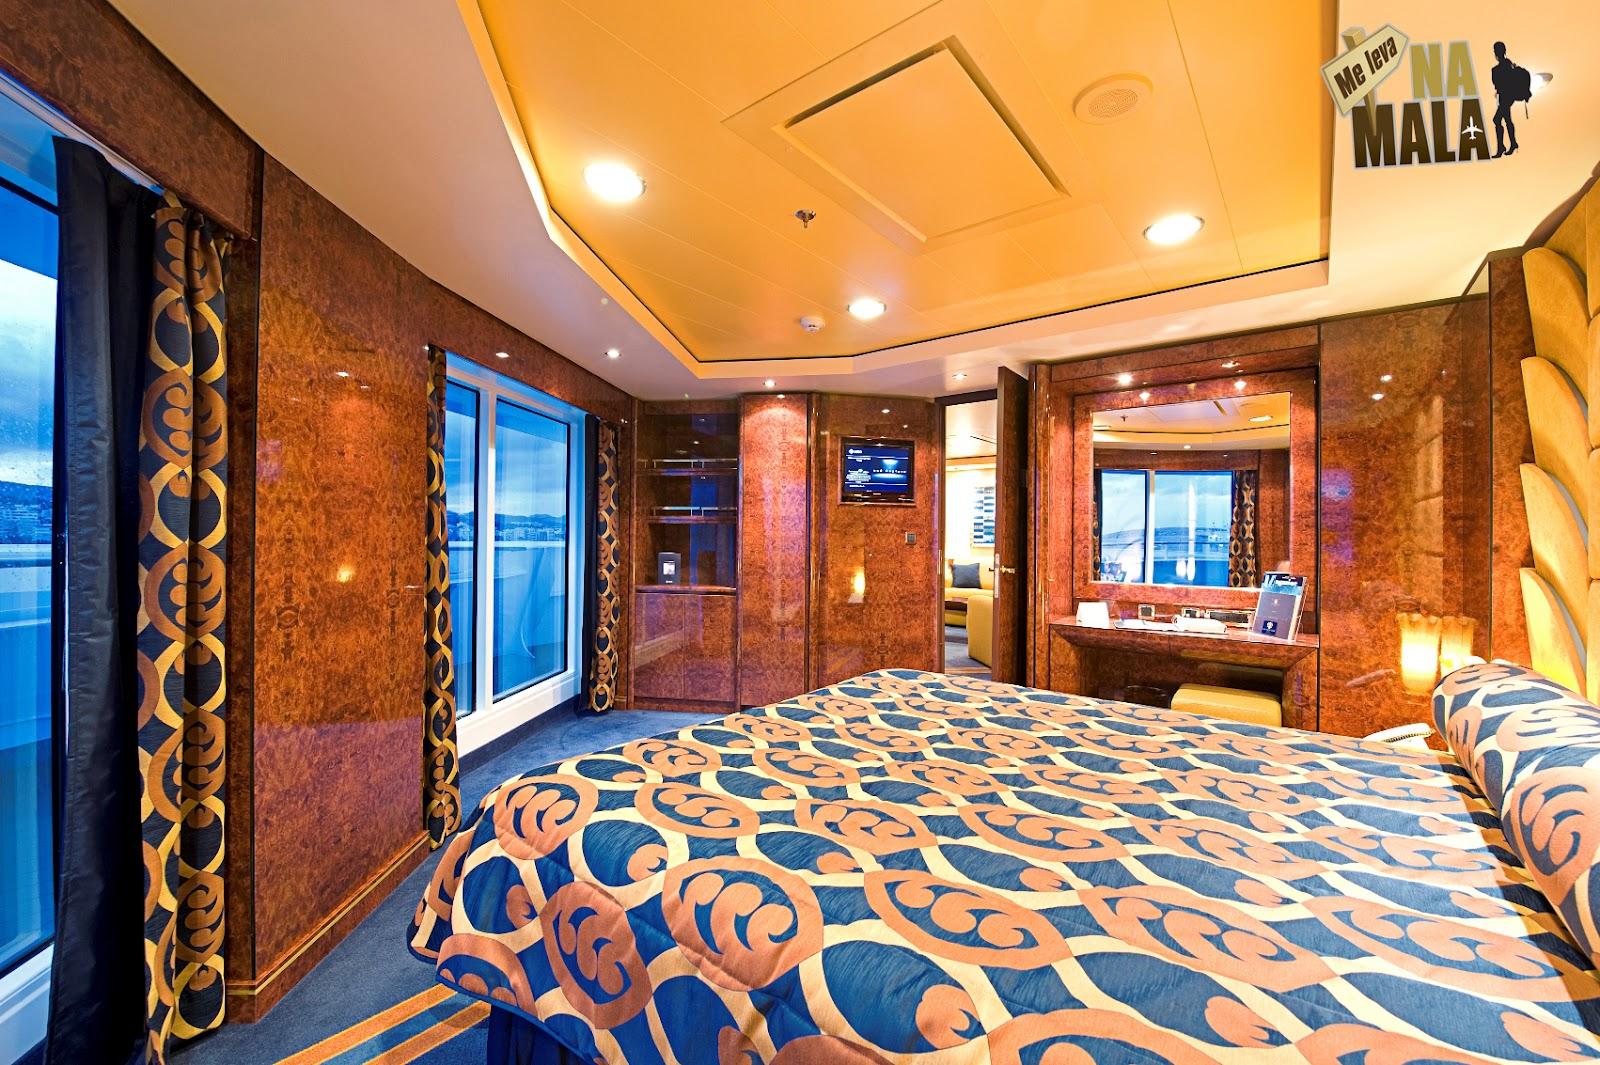 MSC Fantasia traz maior oferta de cabines com varanda na temporada  #C97602 1600x1065 Banheiro Com Banheira Metragem